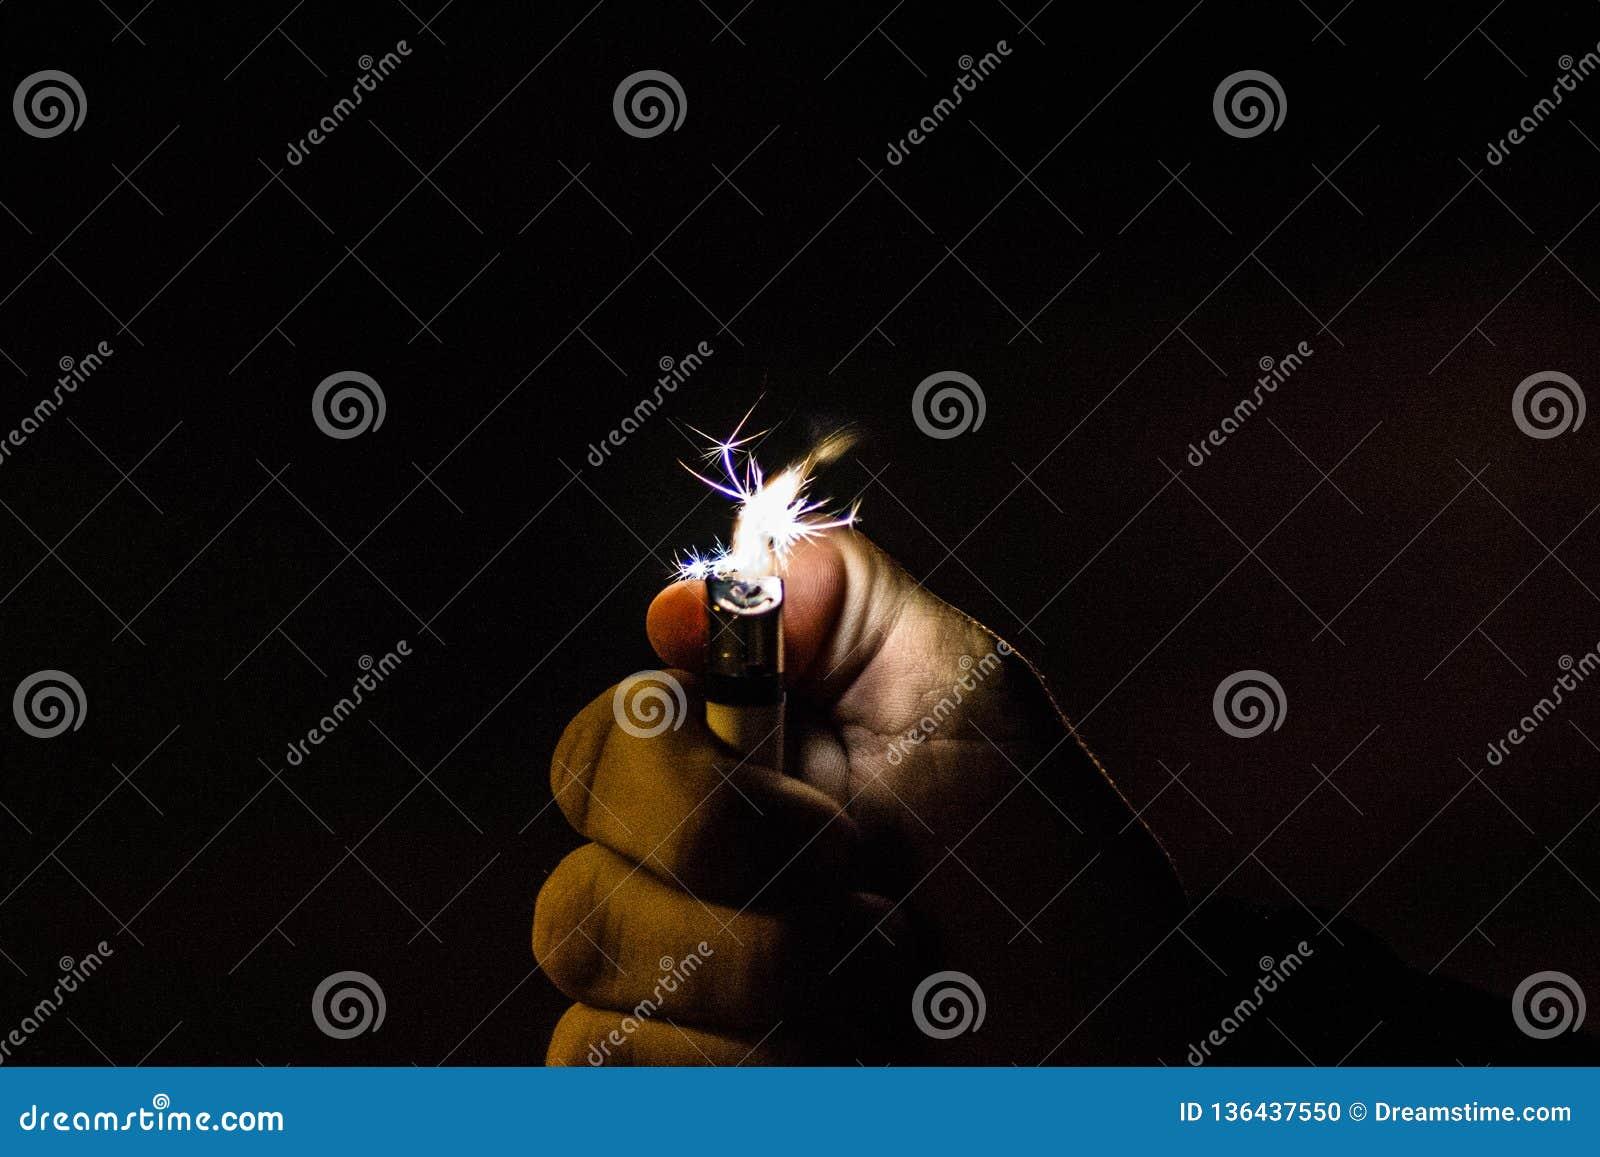 Körniges Bild einer Hand, die ein Feuerzeug in der Nacht macht einen Funken hält